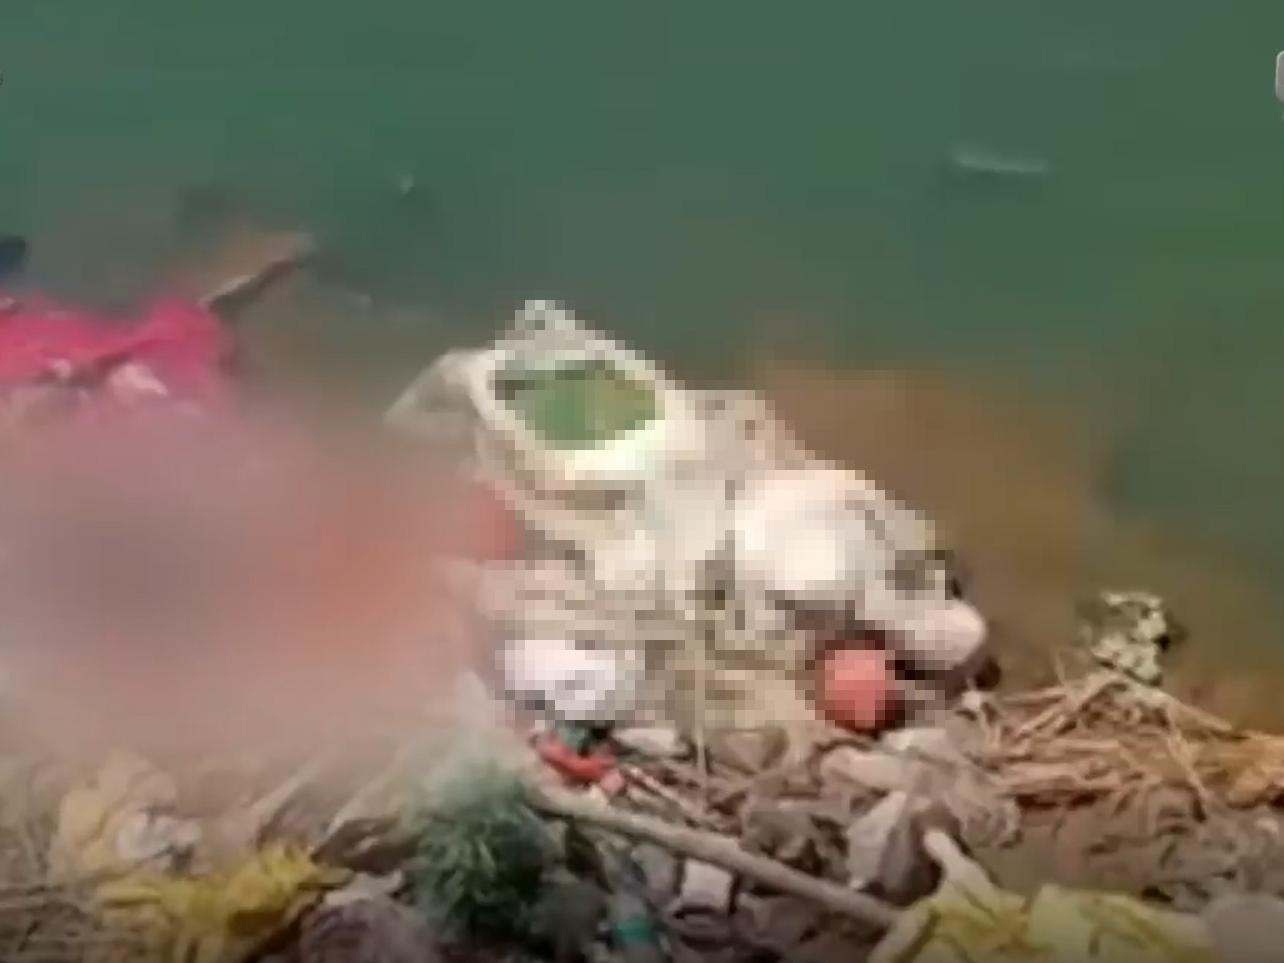 Tài xế xe cứu thương lén lút vứt hàng loạt thi thể bệnh nhân Covid-19 xuống sông Hằng một cách vô cảm, cộng đồng Ấn Độ phẫn nộ tột cùng - Ảnh 1